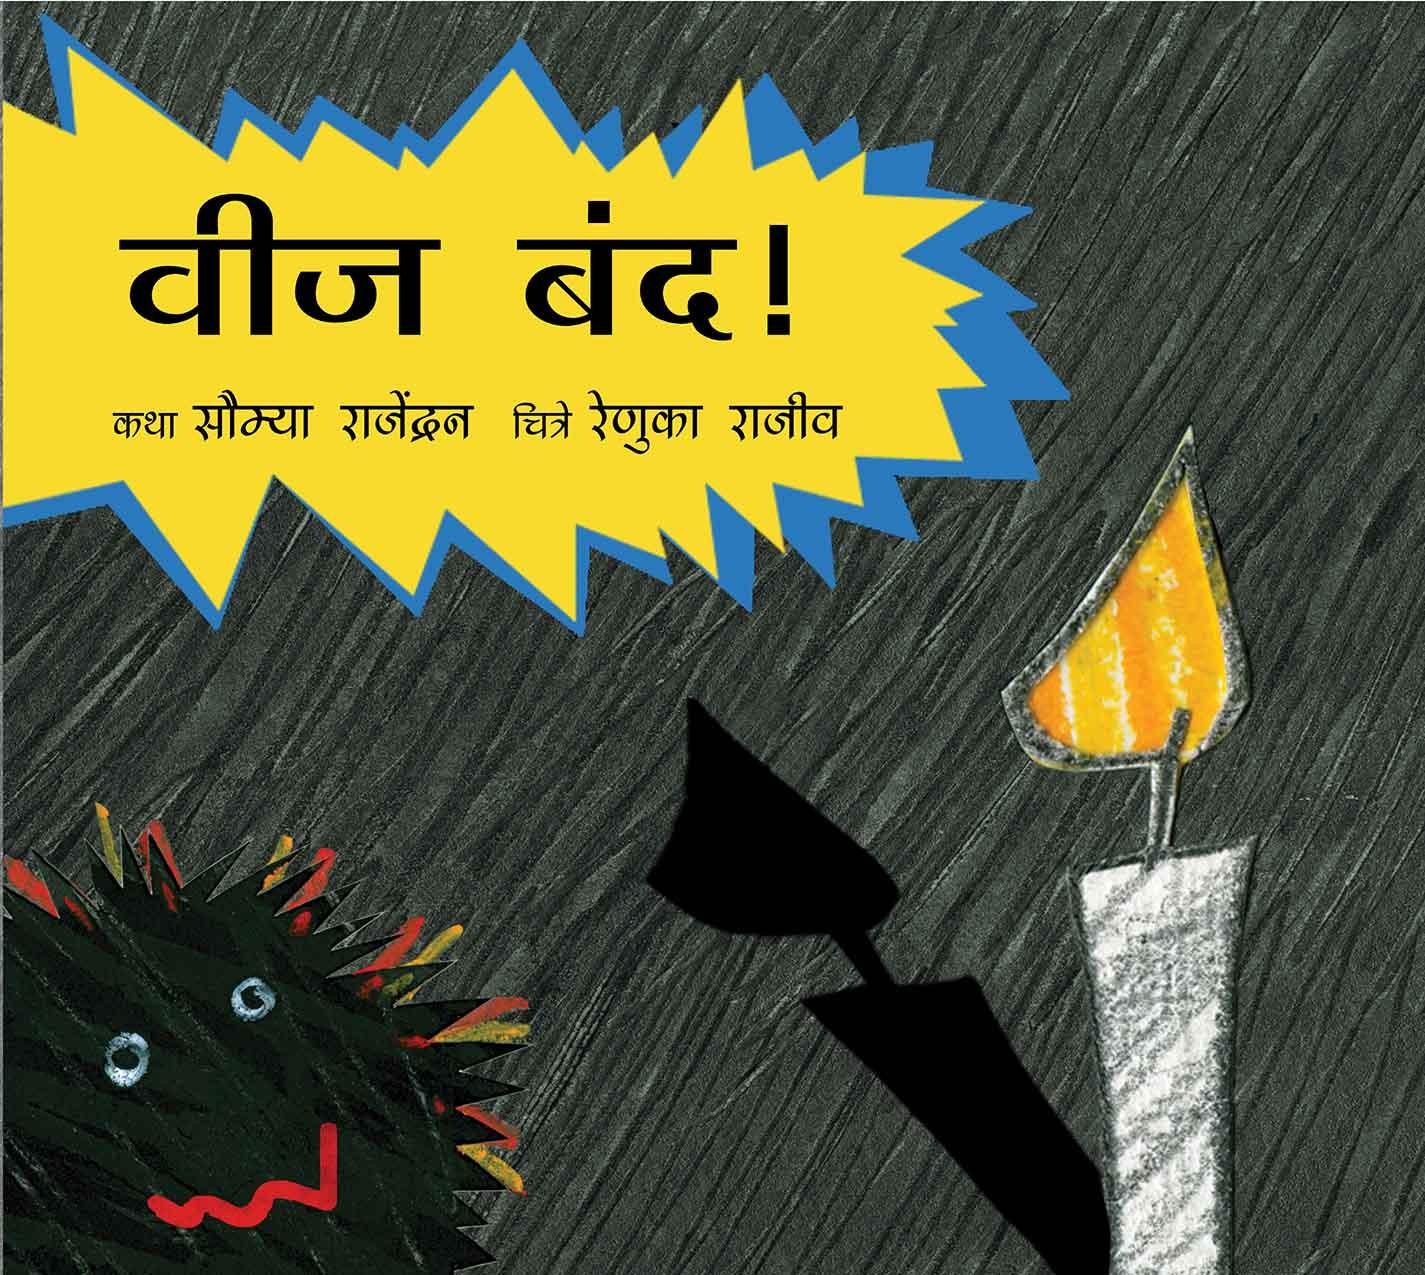 Power Cut/Veej Bandh! (Marathi)